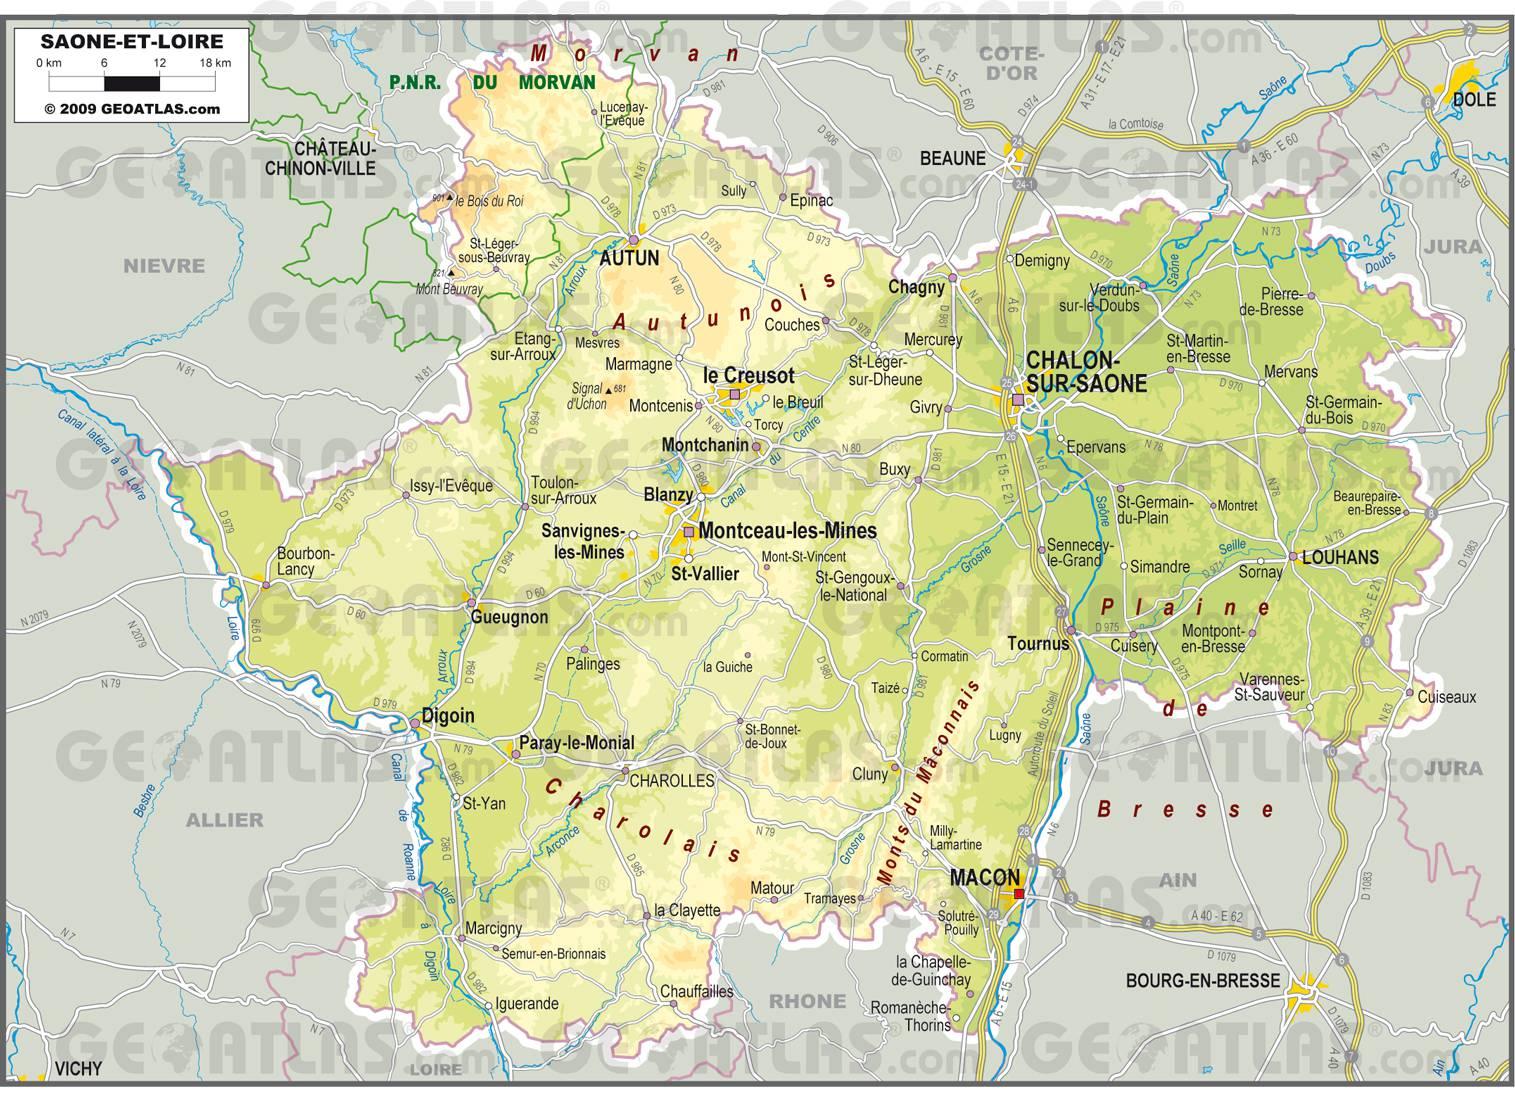 Carte de la Saône-et-Loire